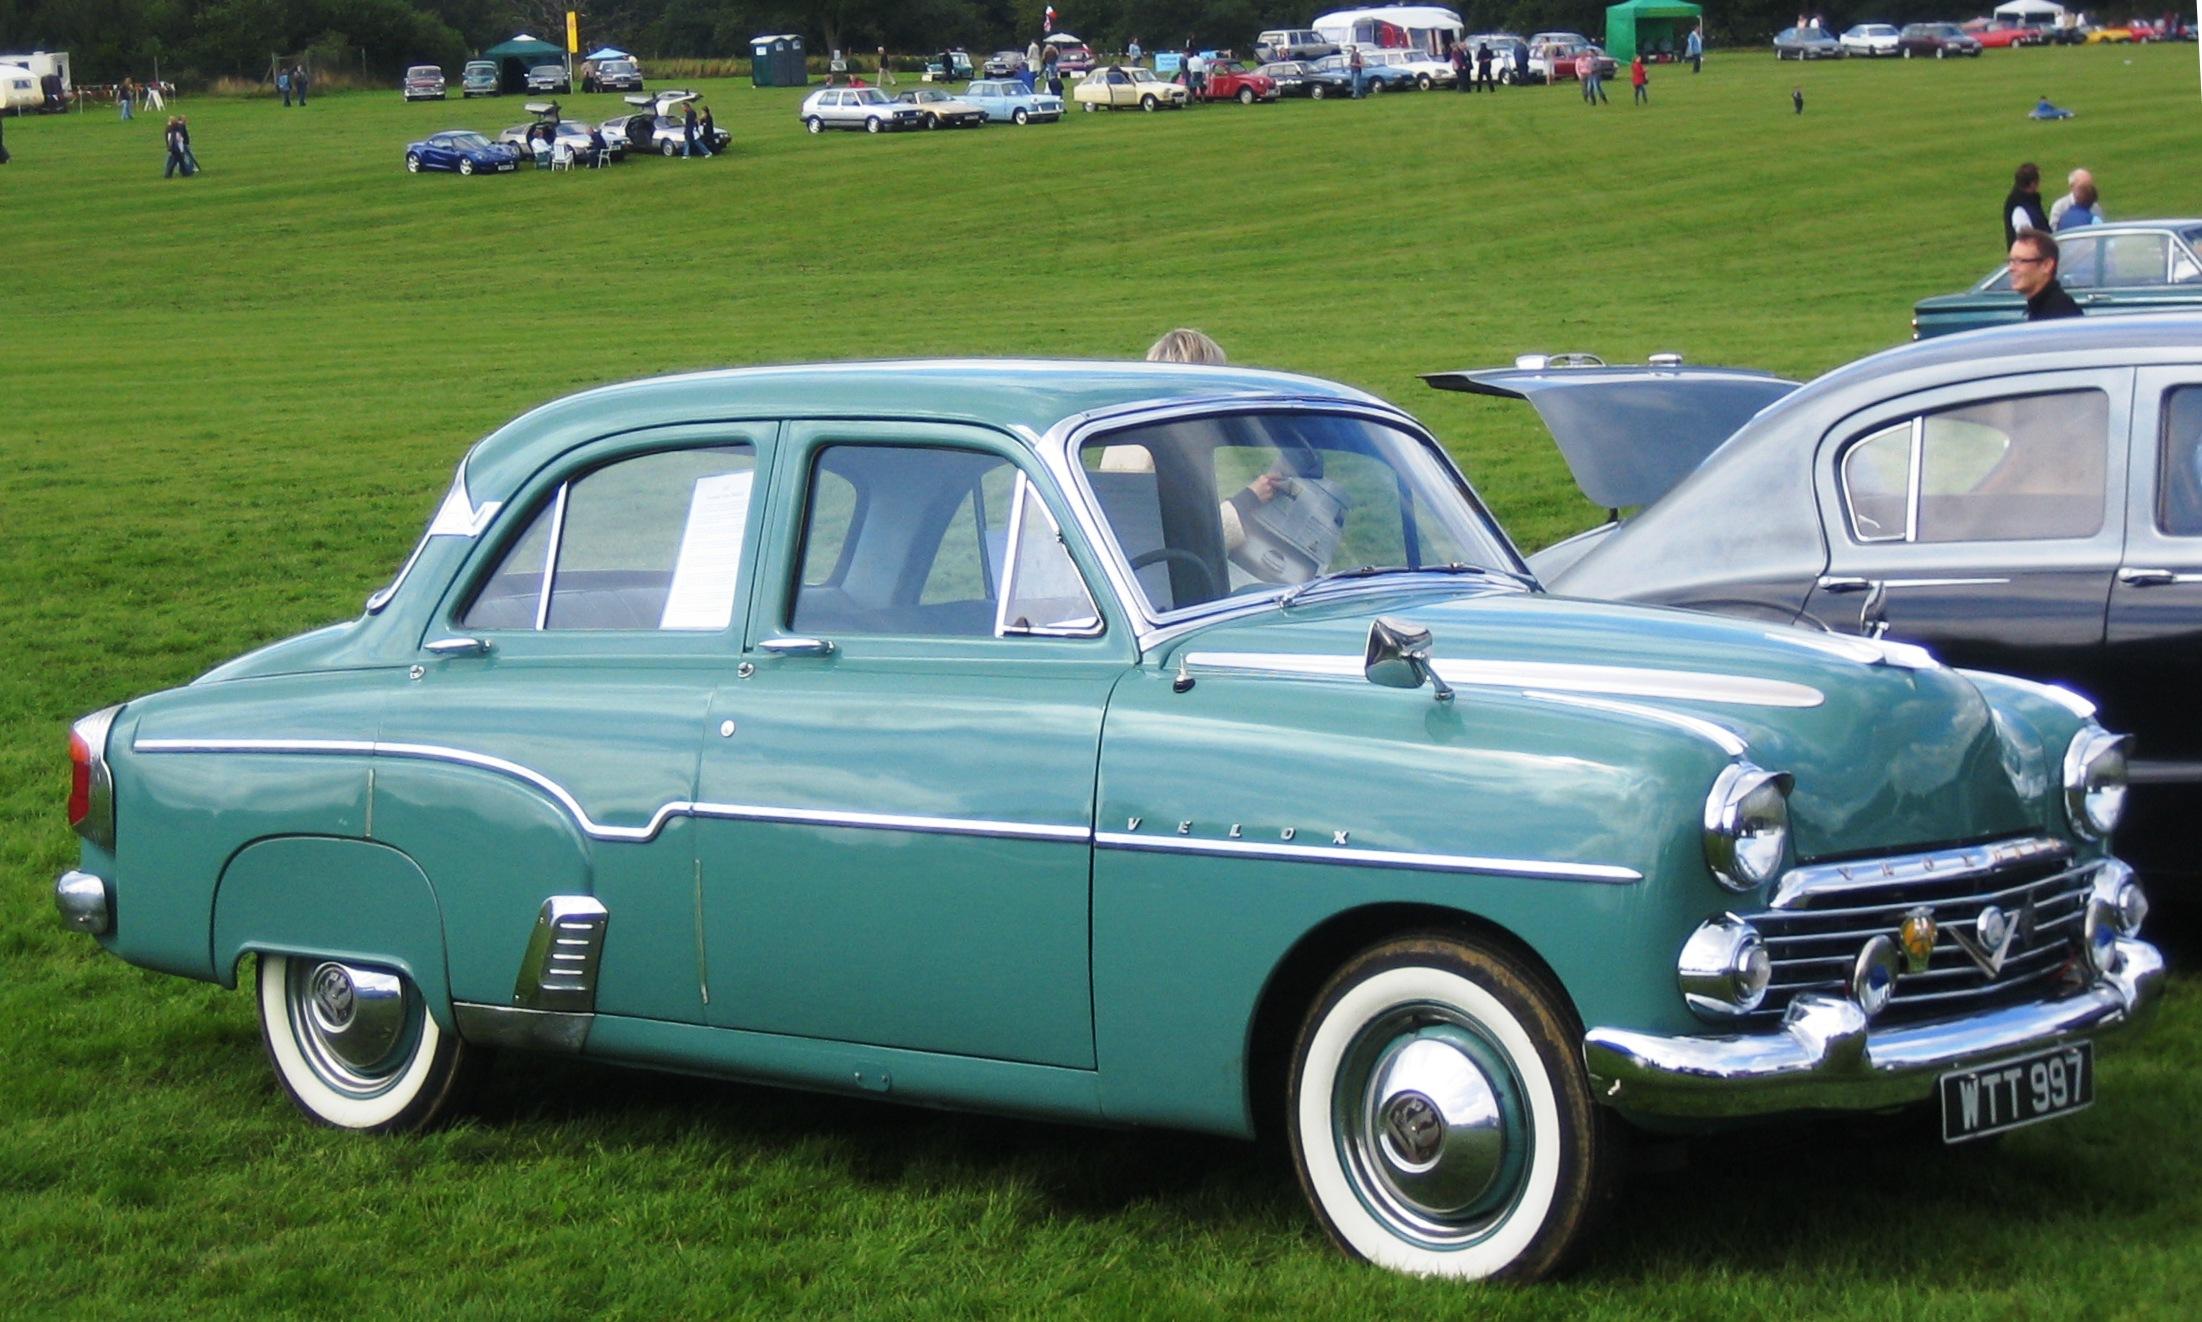 Vauxhall_Velox_ca_1953_in_Hertfordshire.jpg